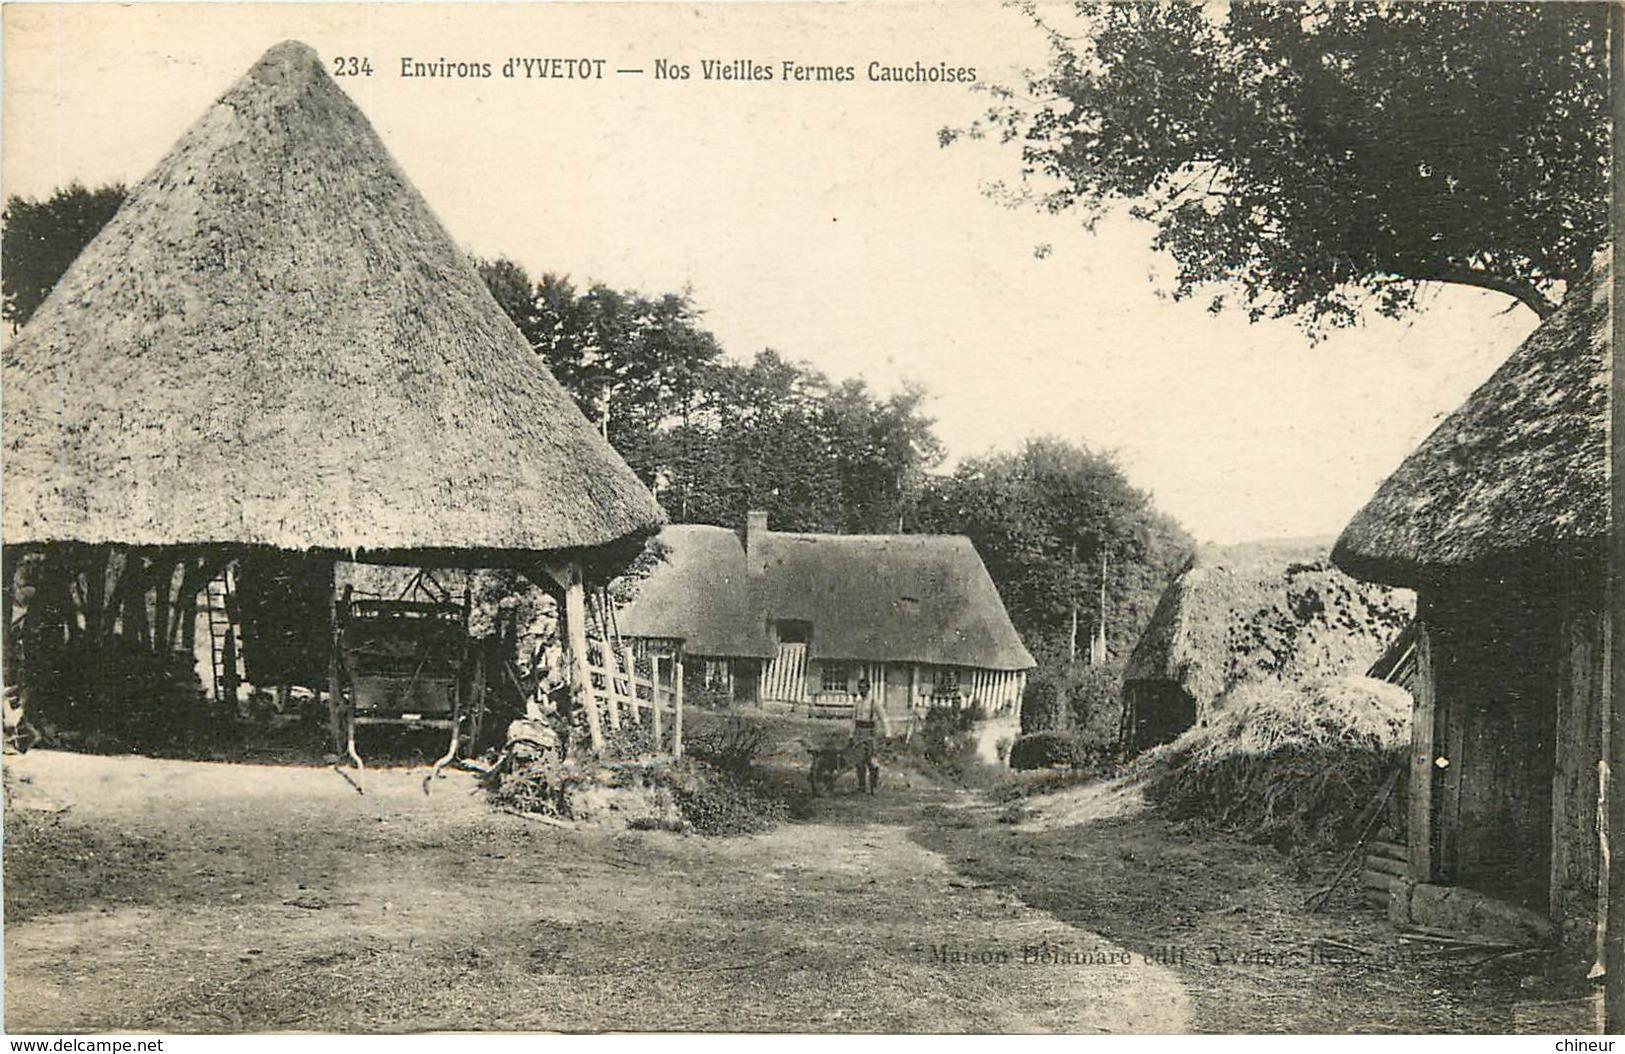 ENVIRONS D'YVETOT NOS VIEILLES FERMES CAUCHOISES - Caudebec-en-Caux